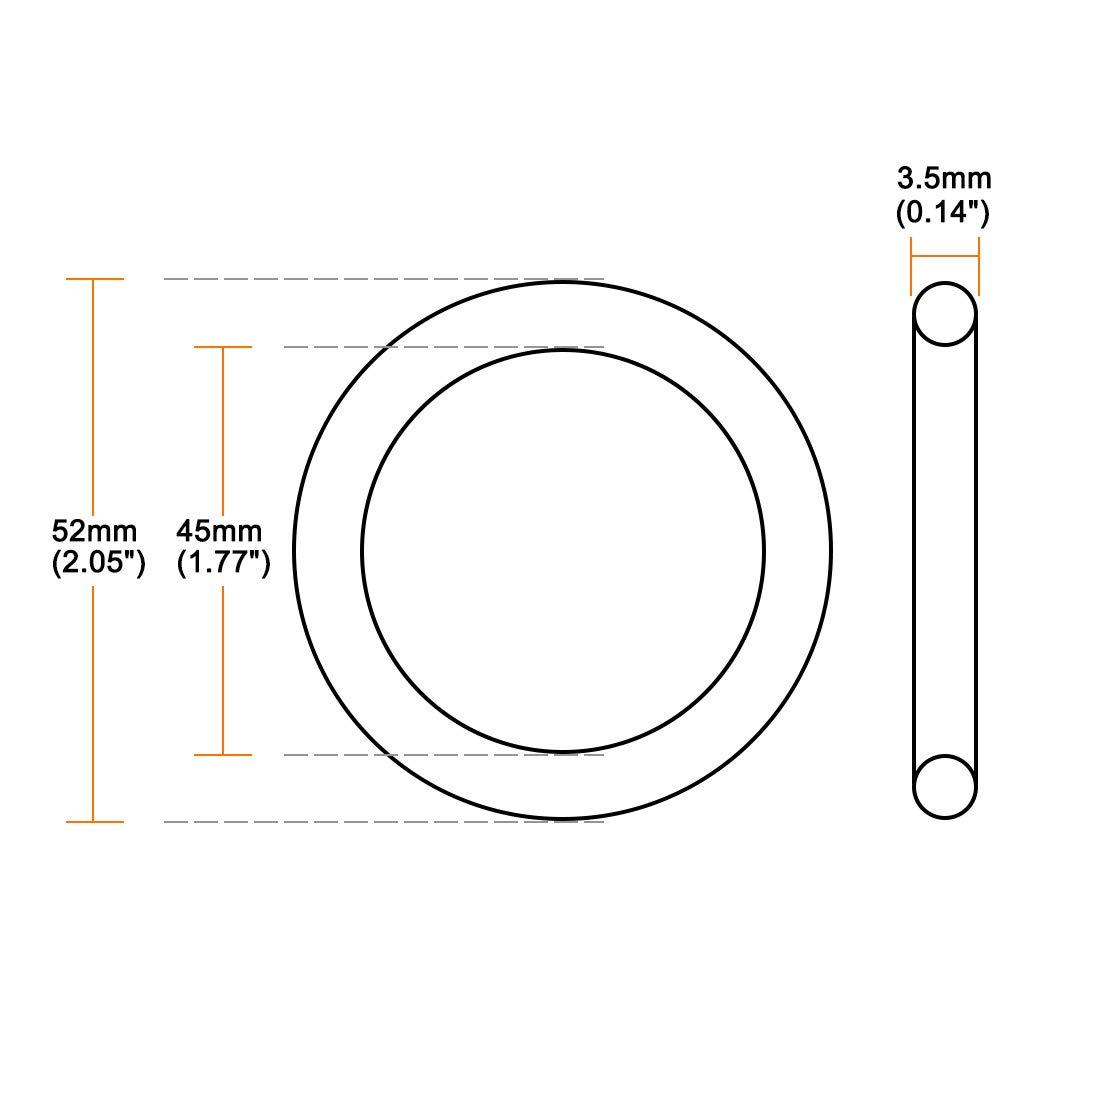 Joint torique caoutchouc nitrile ID 42mm OD 49mm large 3.5mm joint rond 10pcs